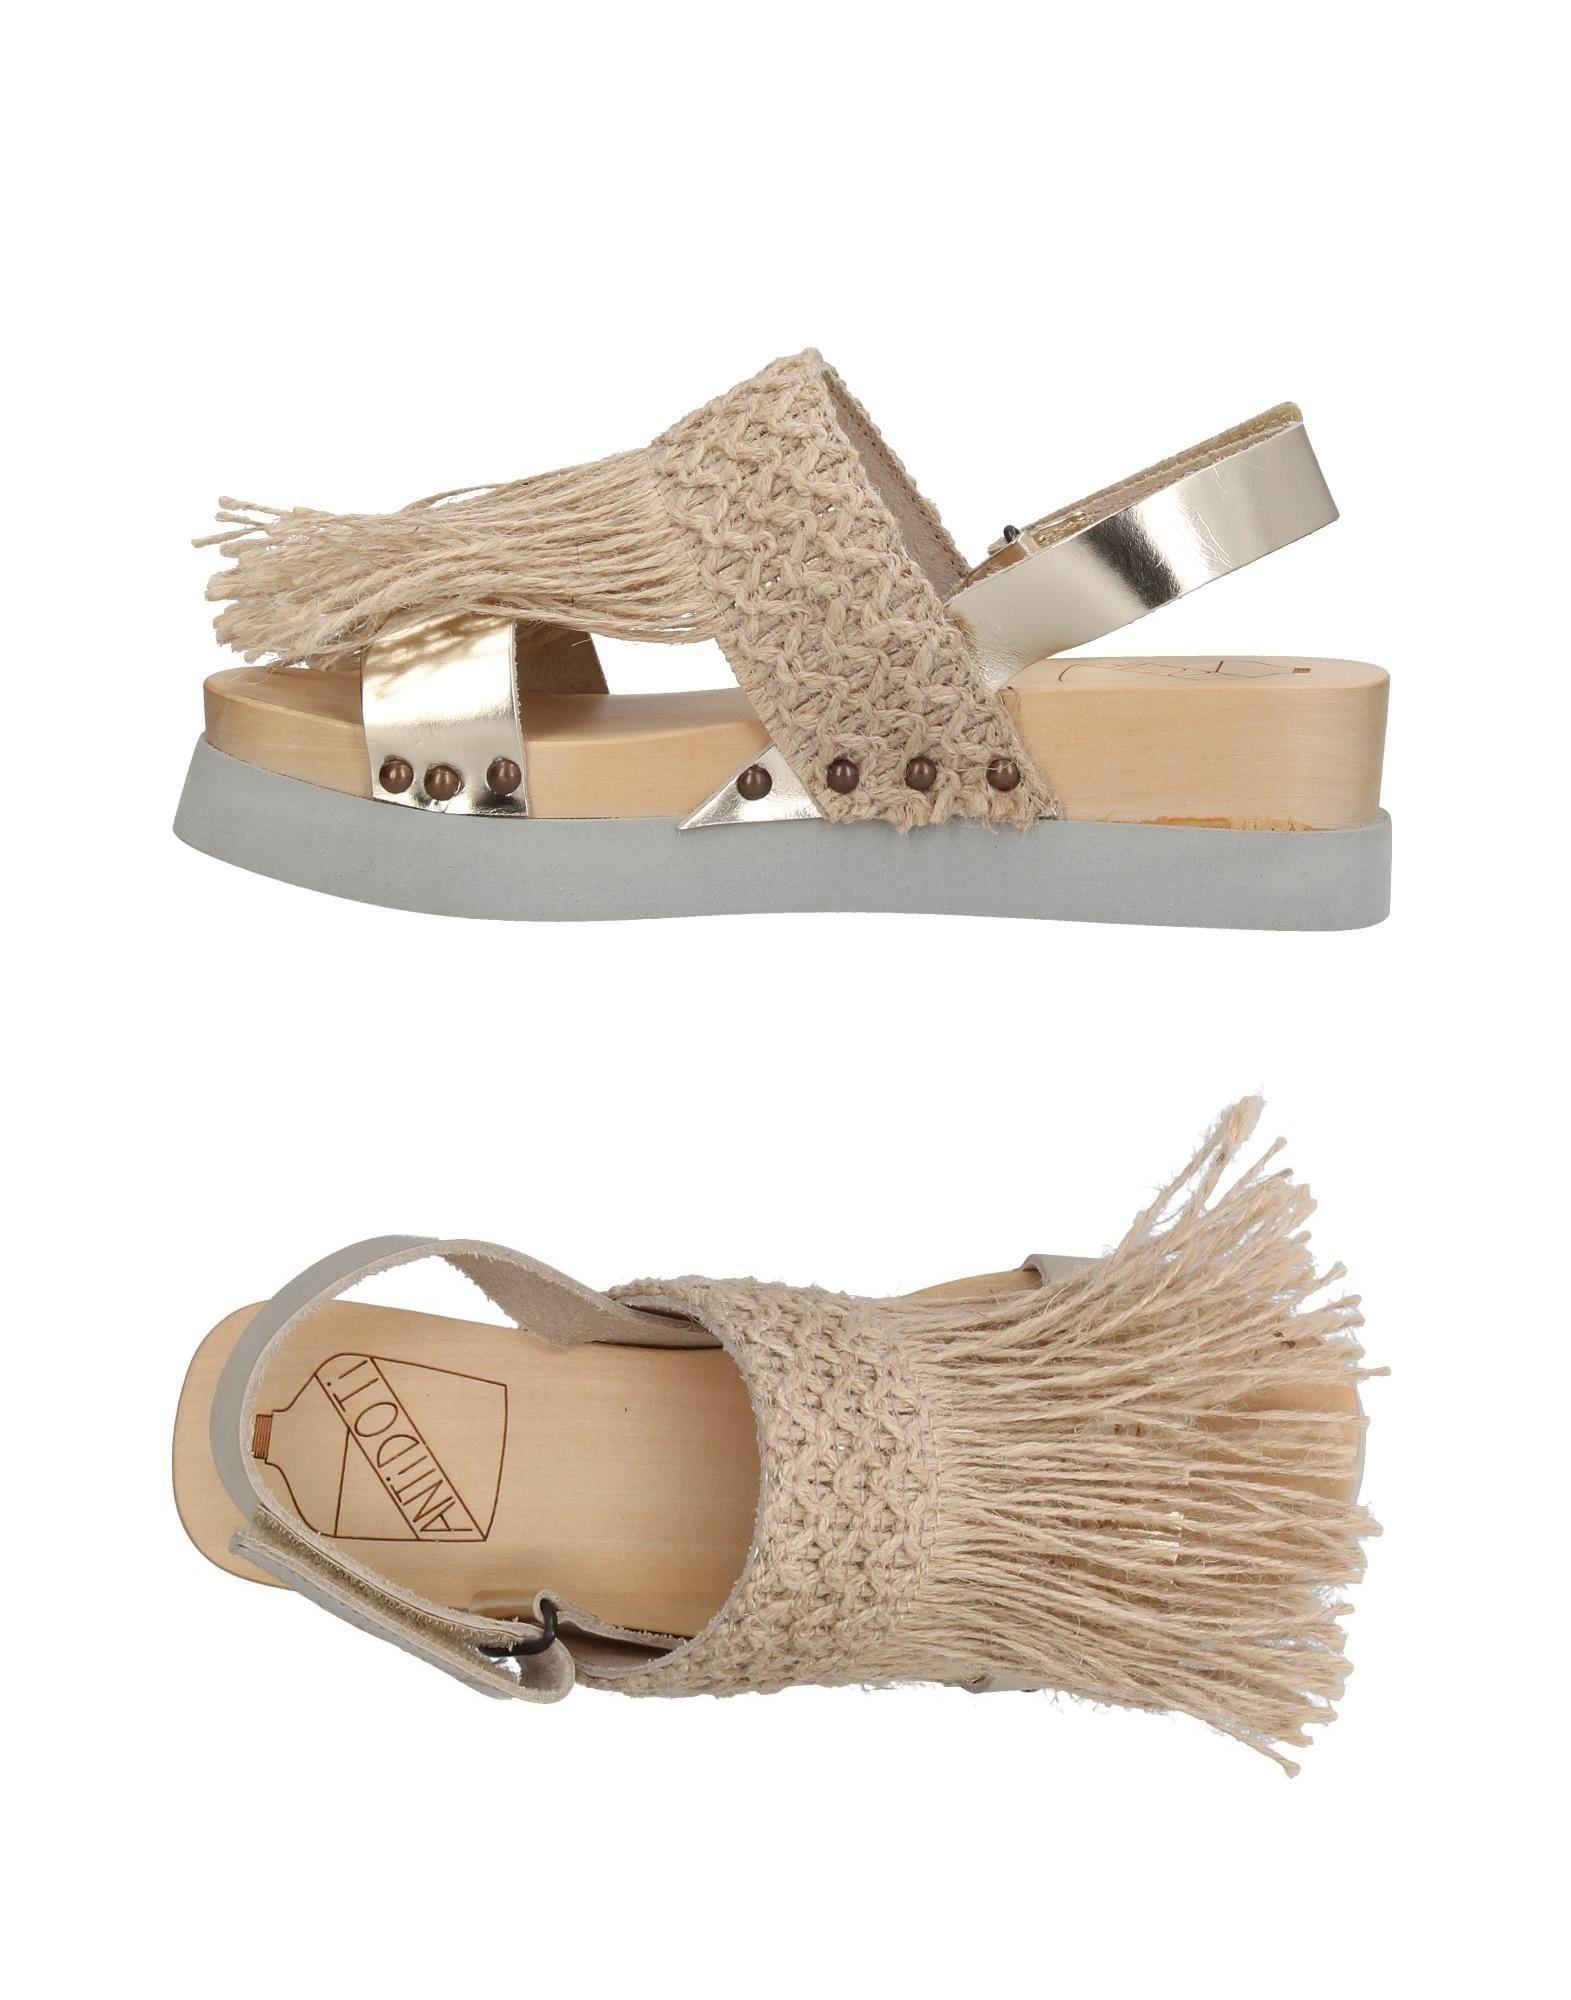 Zapatos casuales salvajes Sandalia Antidoti Mujer -  Sandalias Antidoti  - Oro f2f529